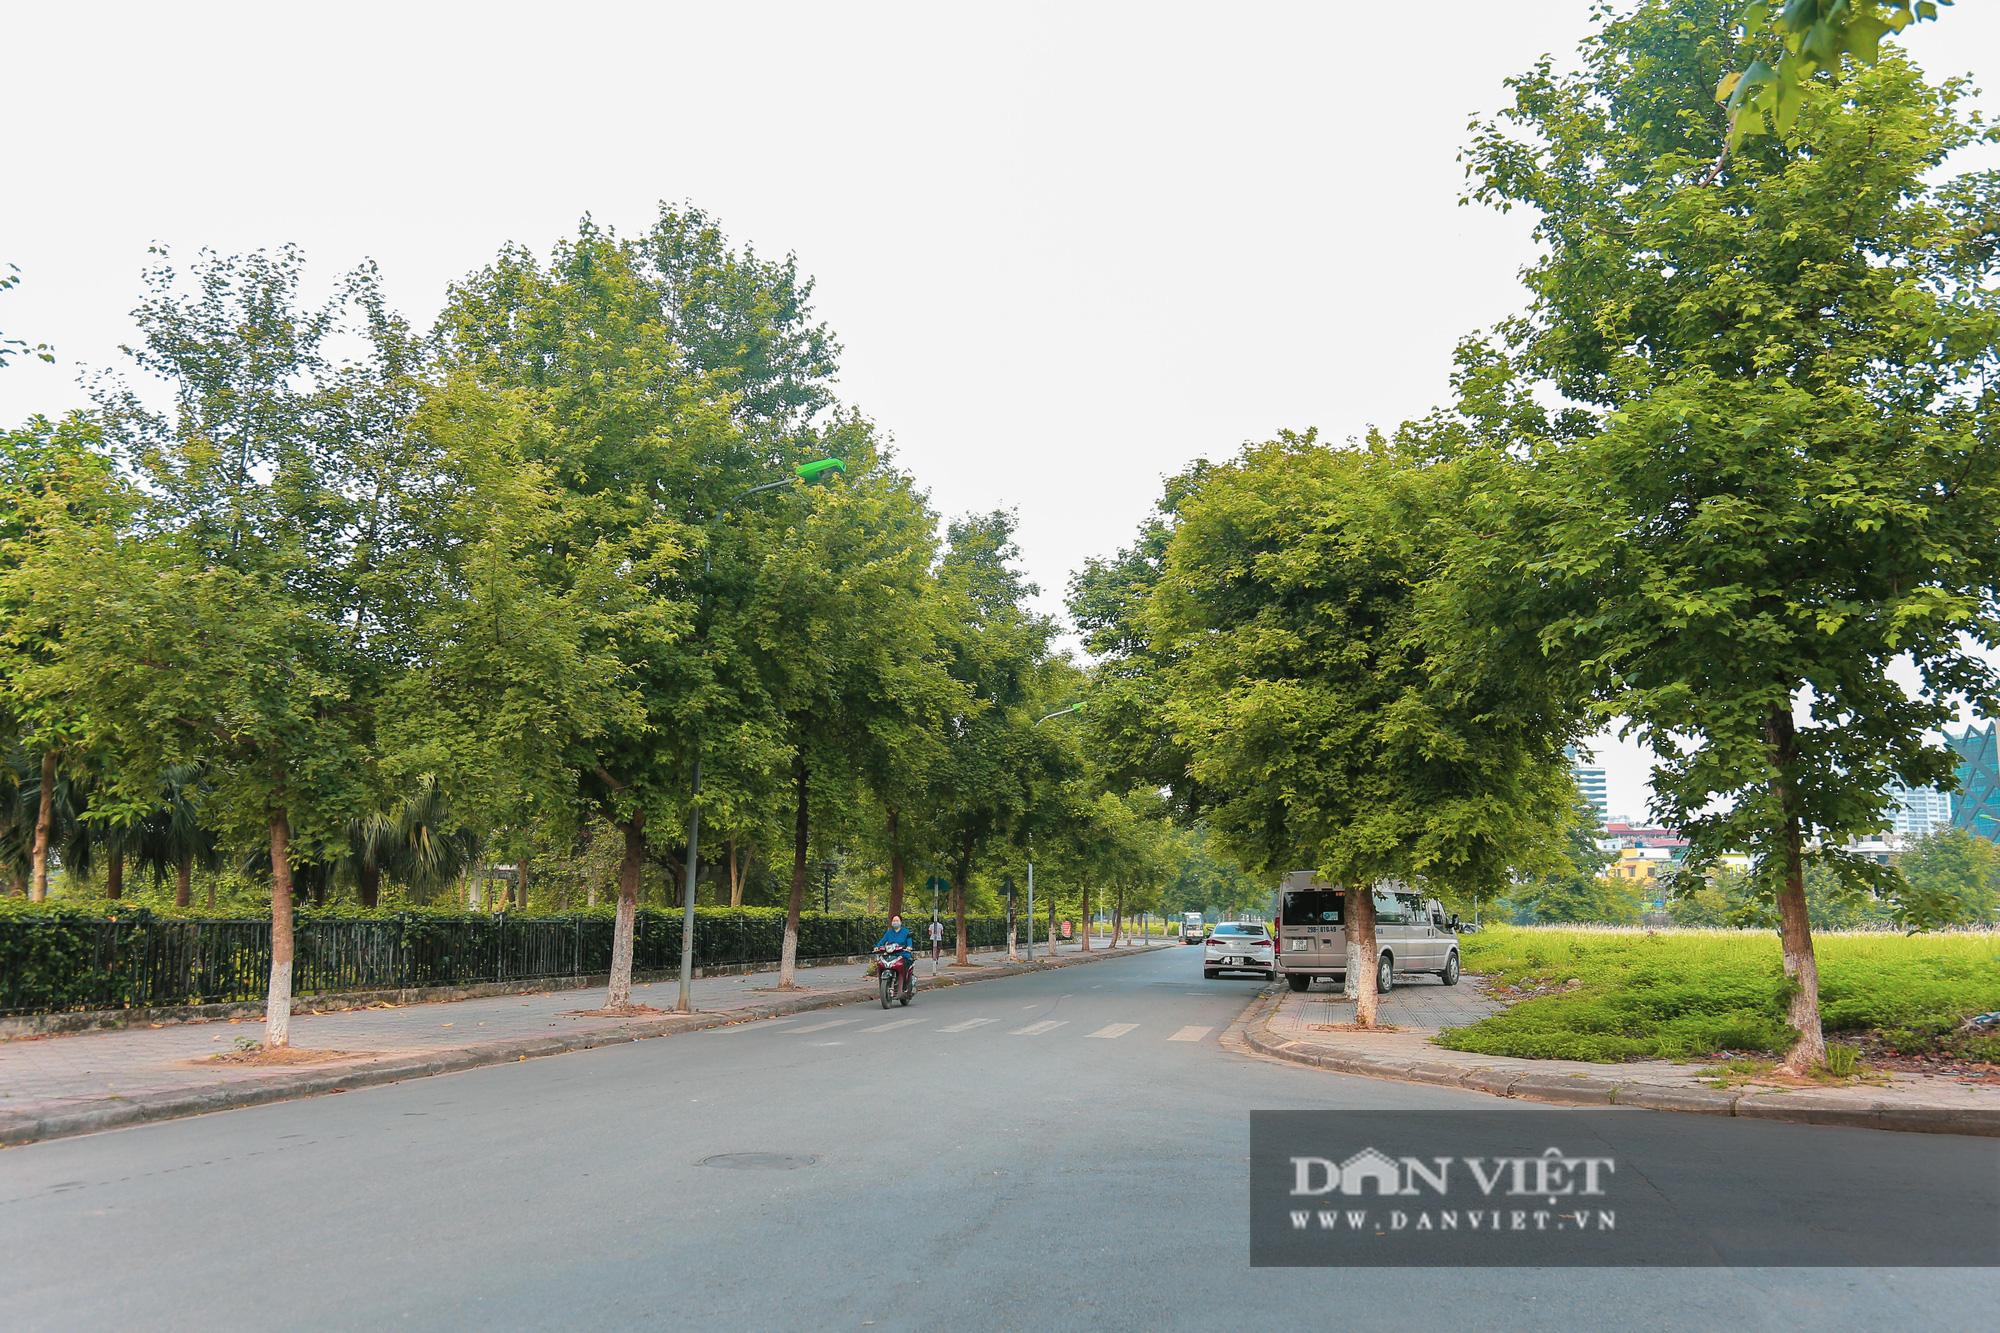 Ngỡ ngàng loài cây giống hệt phong lá đỏ xanh tốt giữa phố Hà Nội - Ảnh 1.